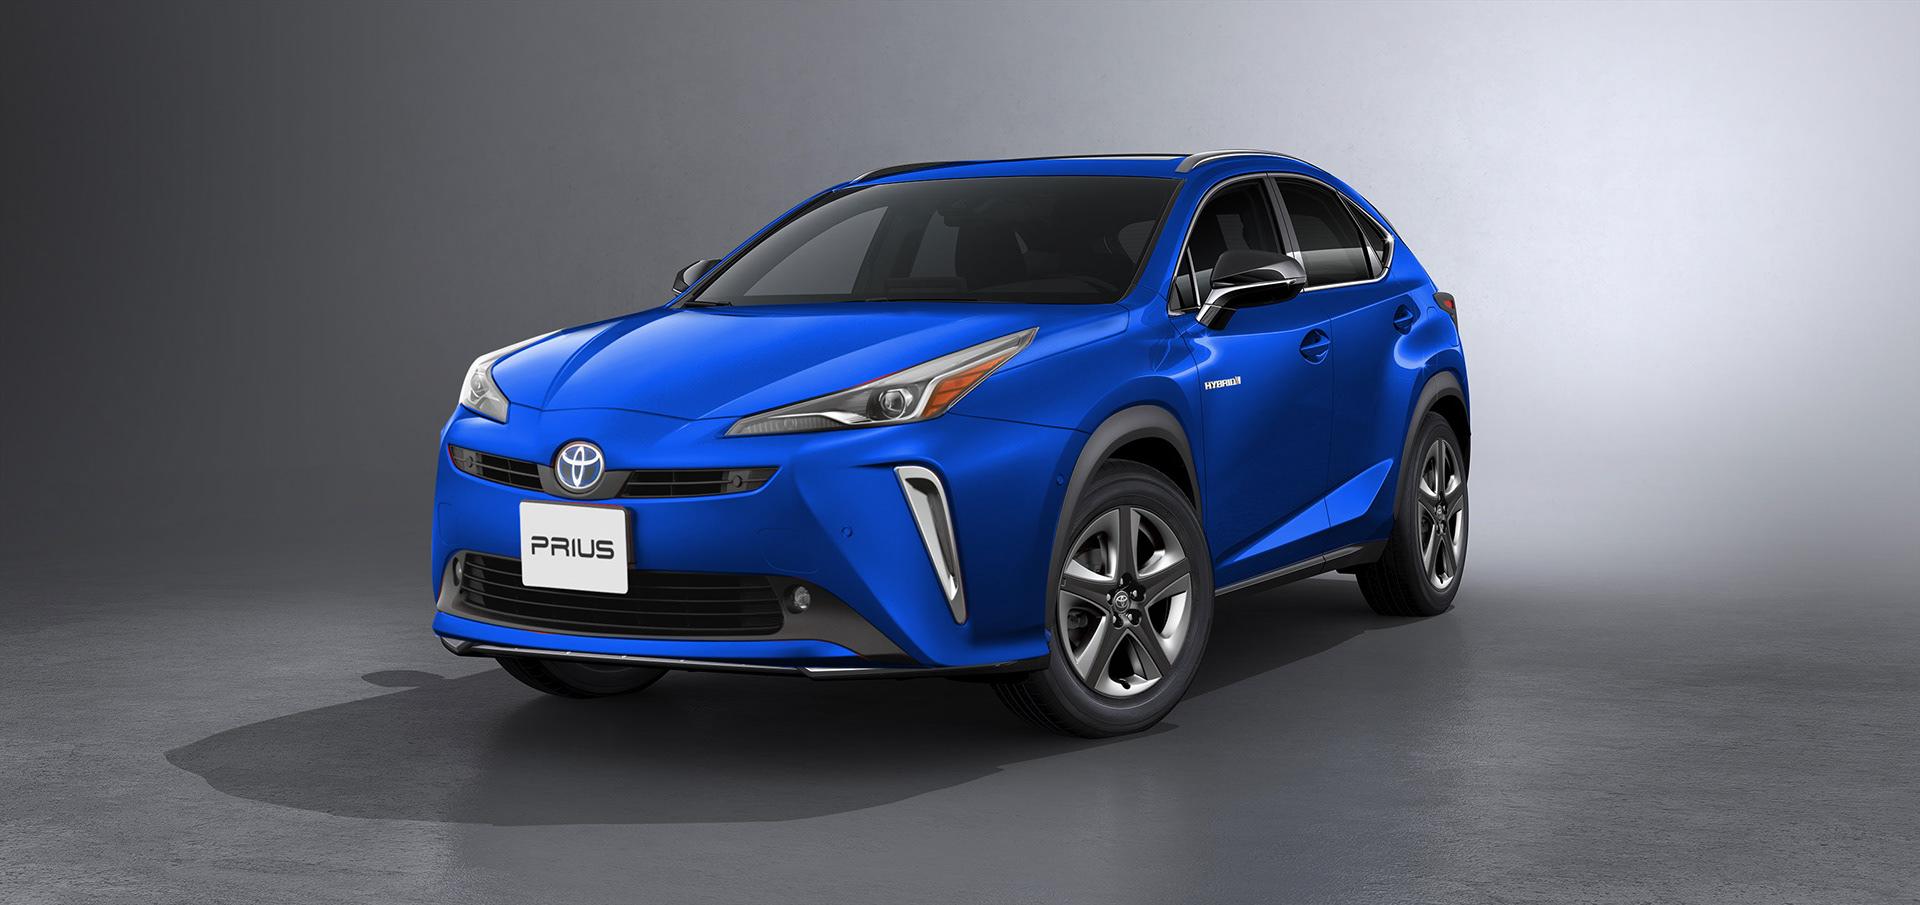 Toyota Prius SUV (1)